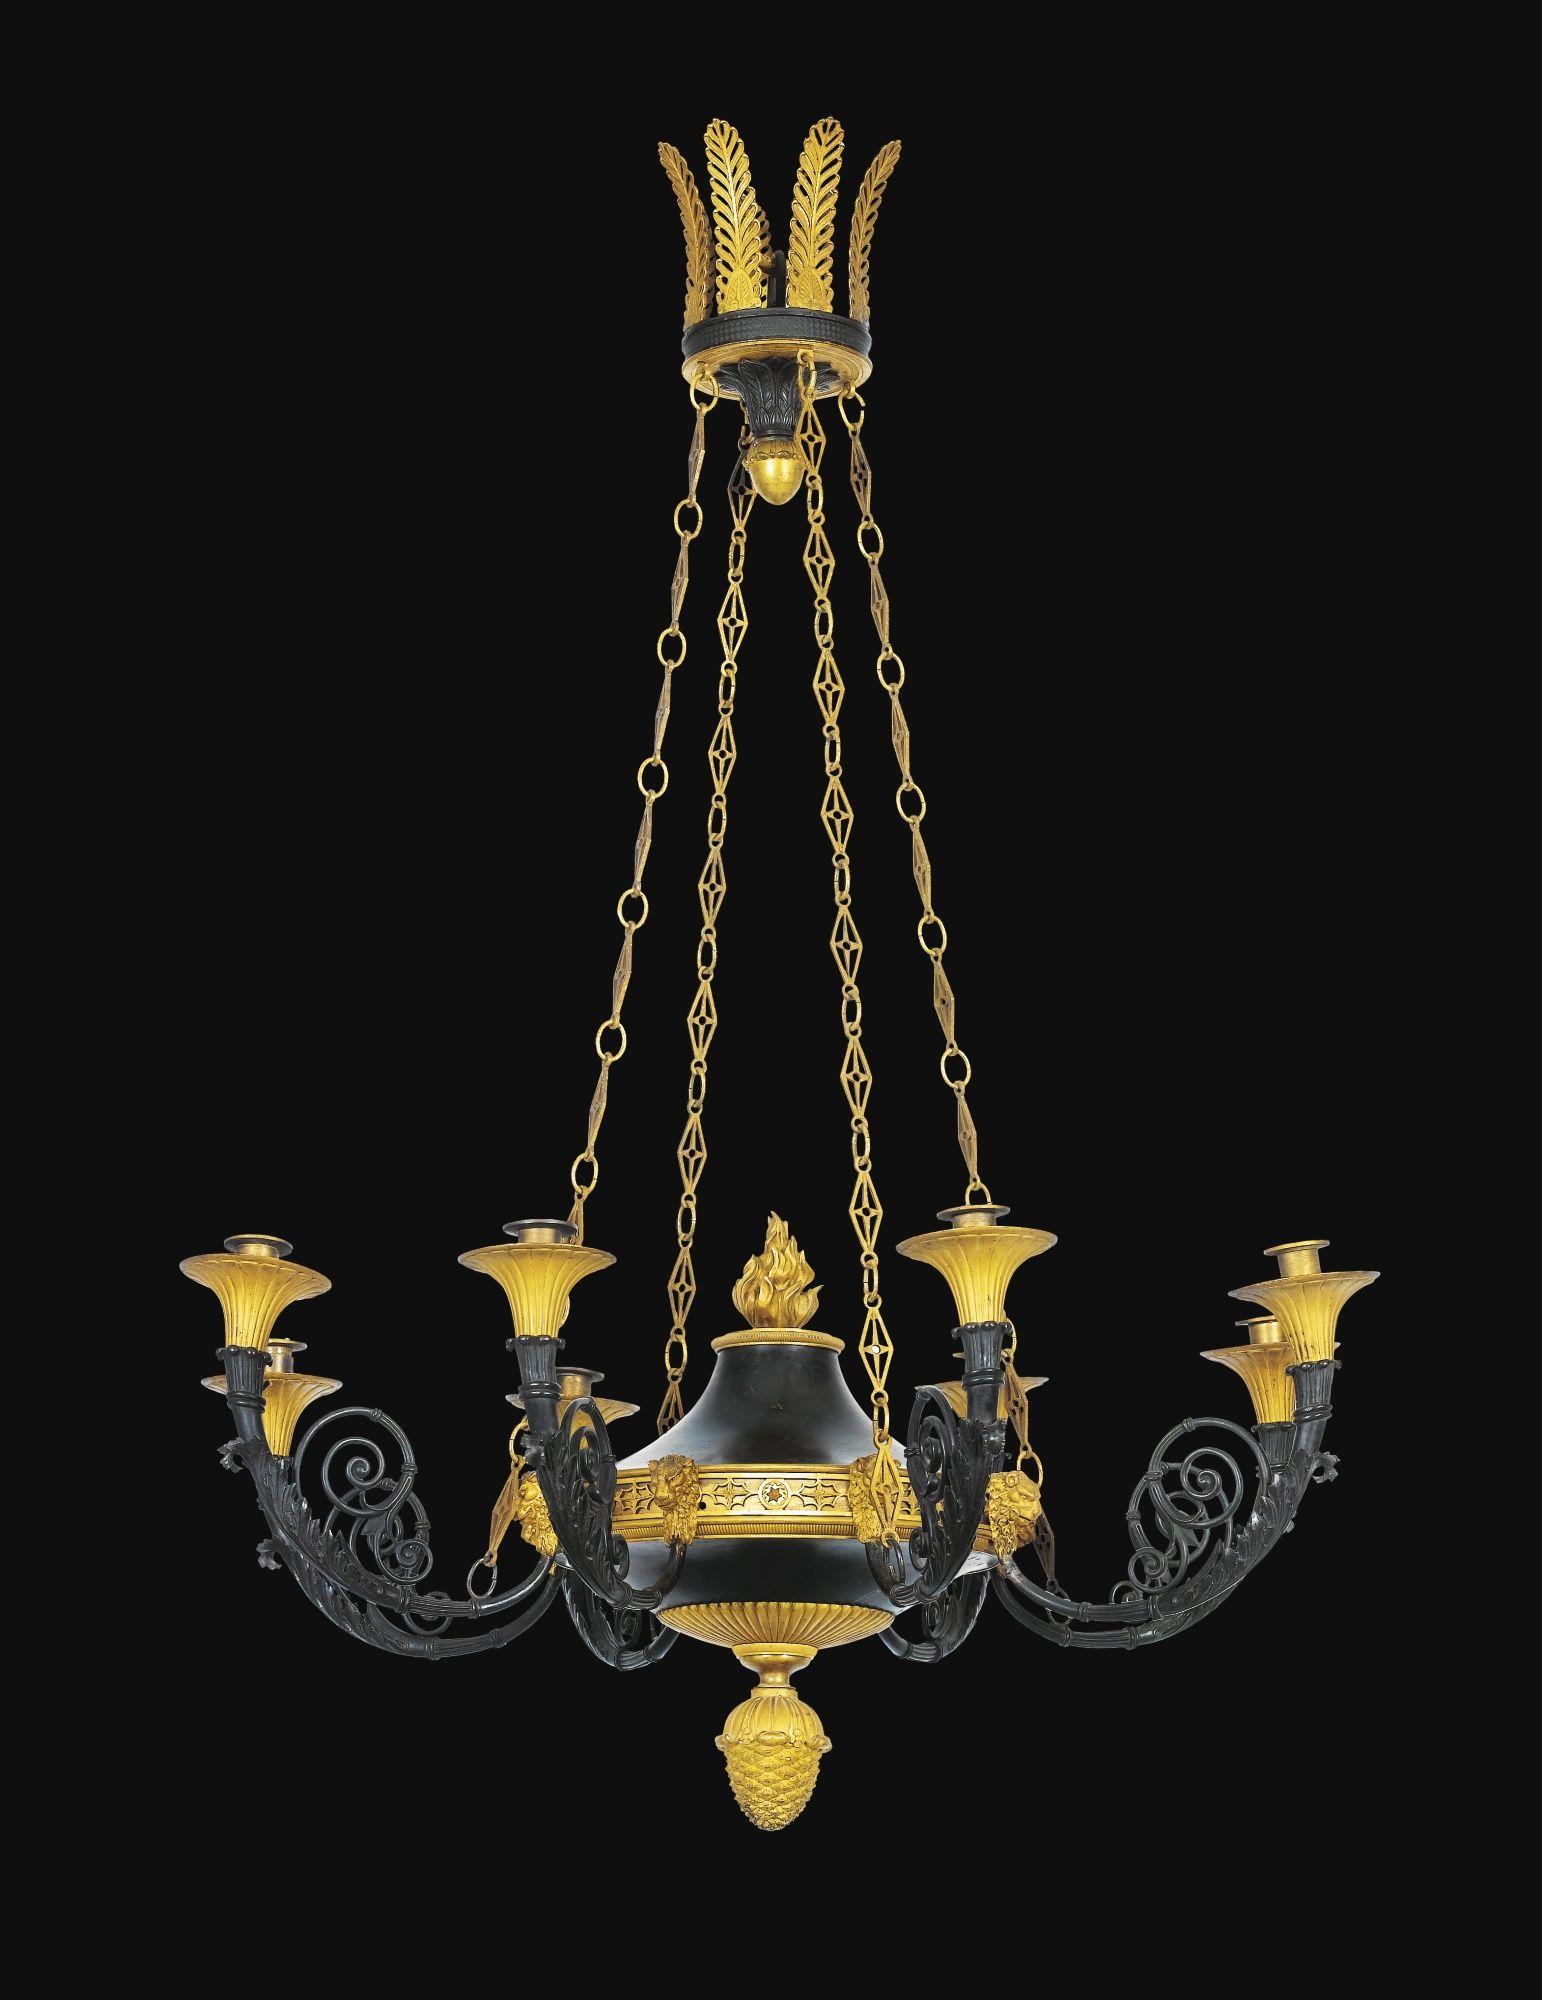 Lustre en bronze patiné et doré, travail russe vers 1800 A